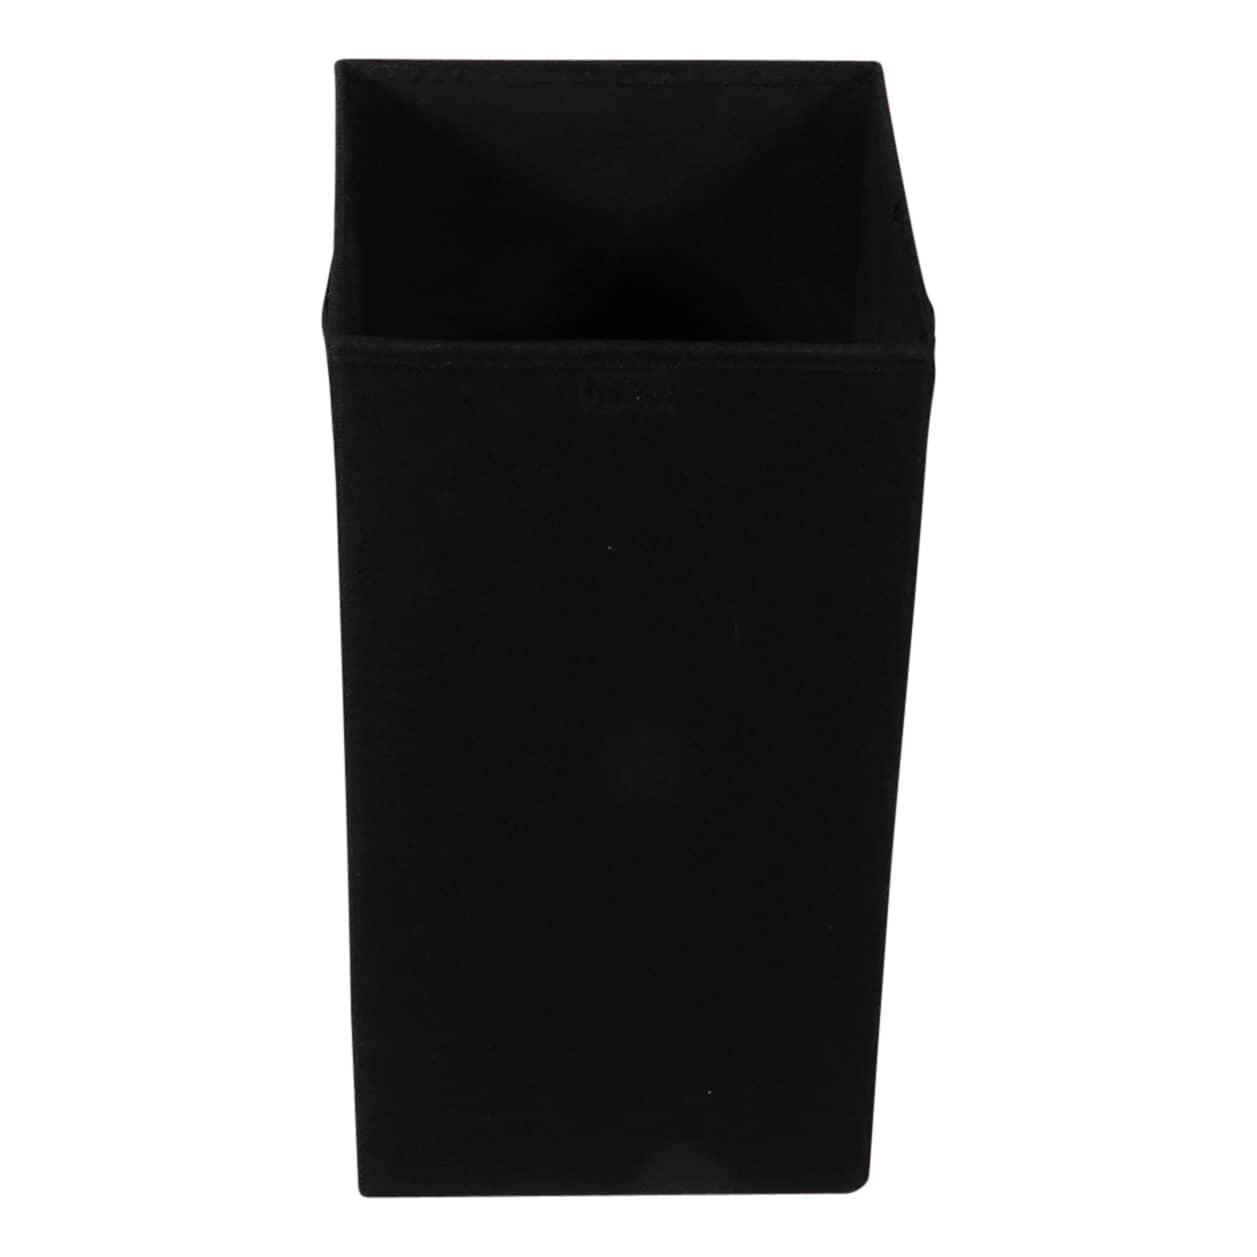 MDF verstevigde Opvouwbare wasmand 54 liter 30x30x60 cm - Zwart